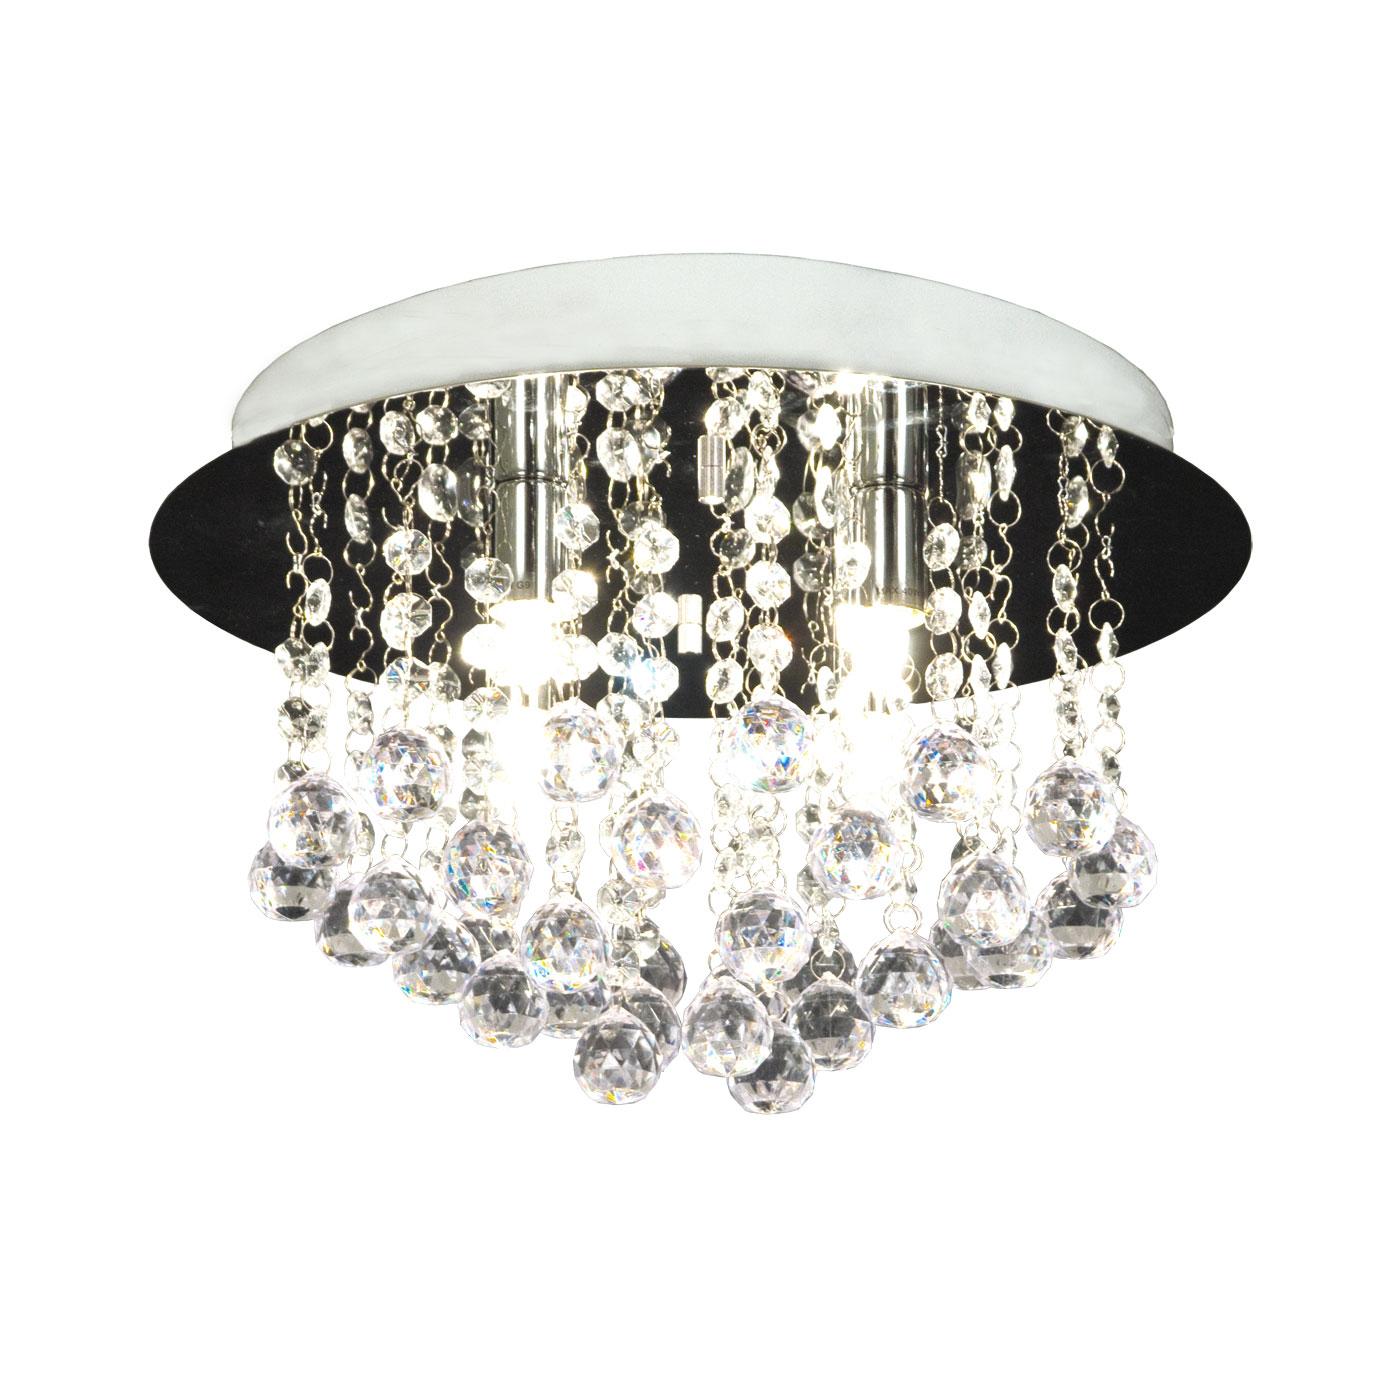 Scan Lamps Madelene 65445 Plafond